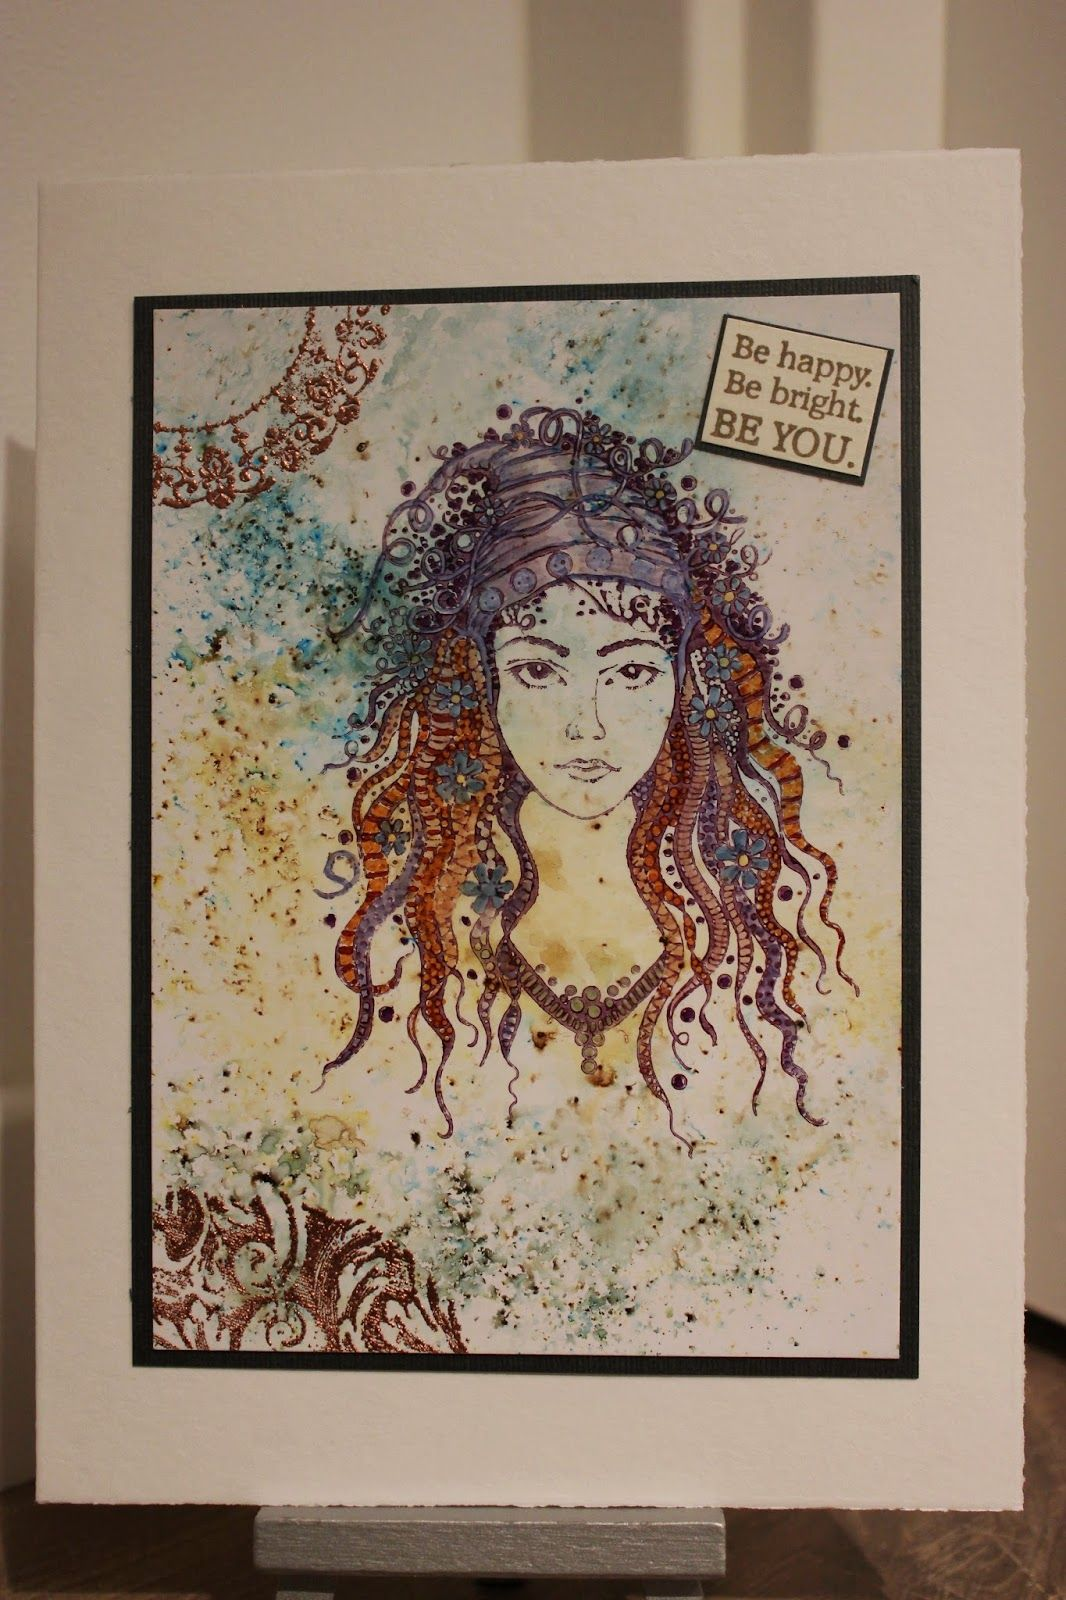 Gypsy Girl gemaakt door Marielle